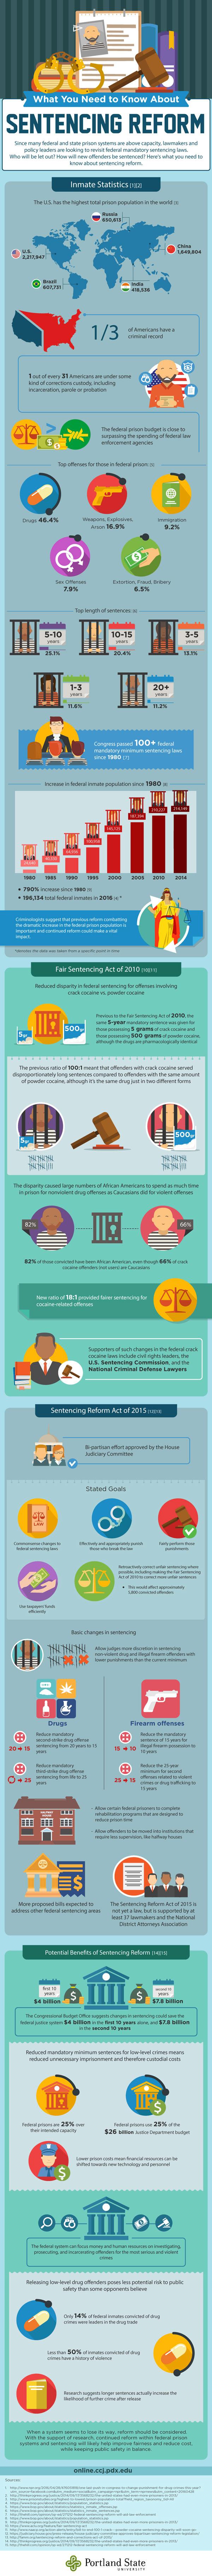 PSU-CCJ-Sentencing-Reform-IG